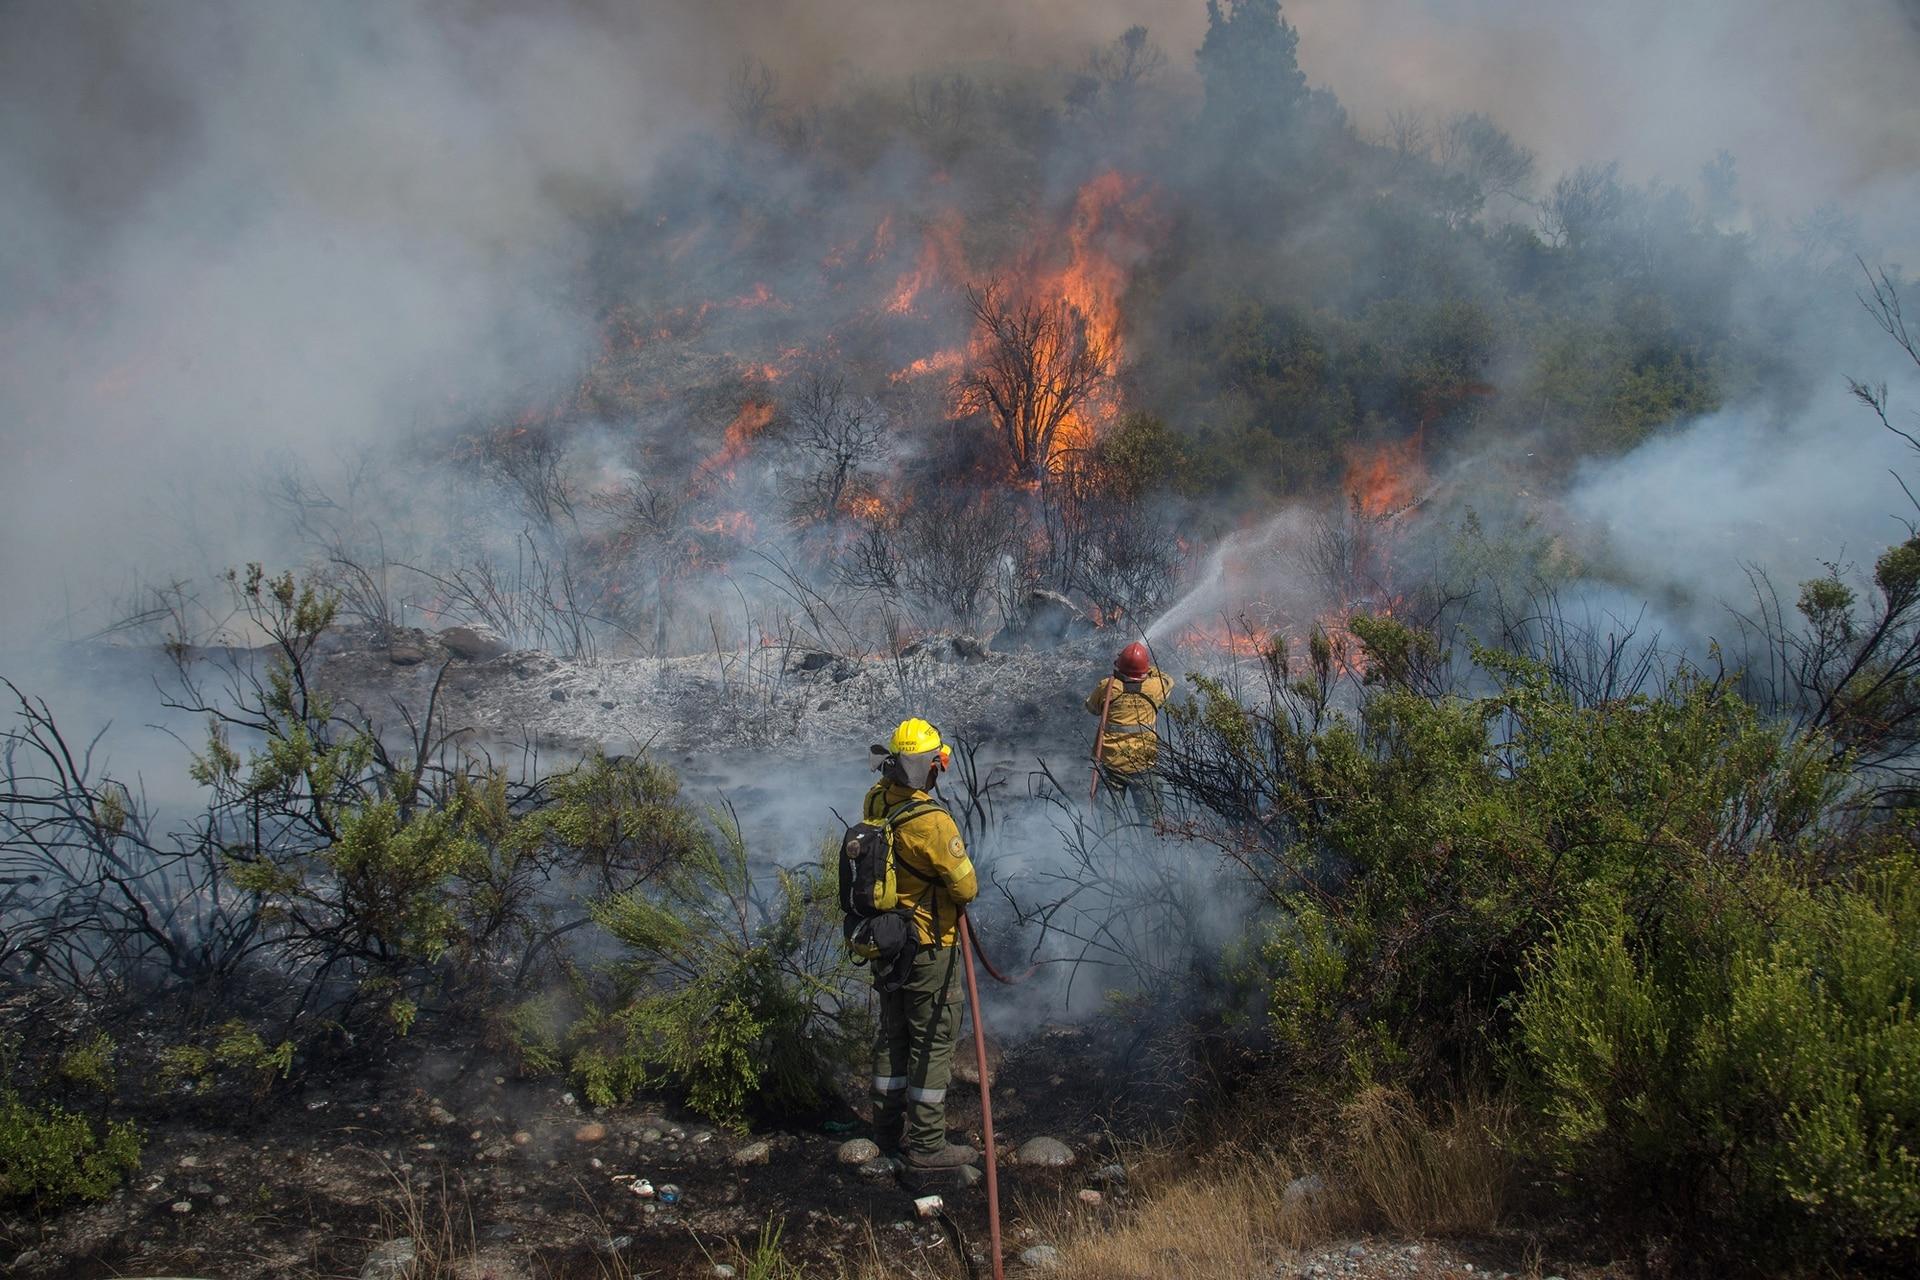 El incendio en El Maitén está llegando a la Ruta 40 Sur a kilómetros de El Bolsón